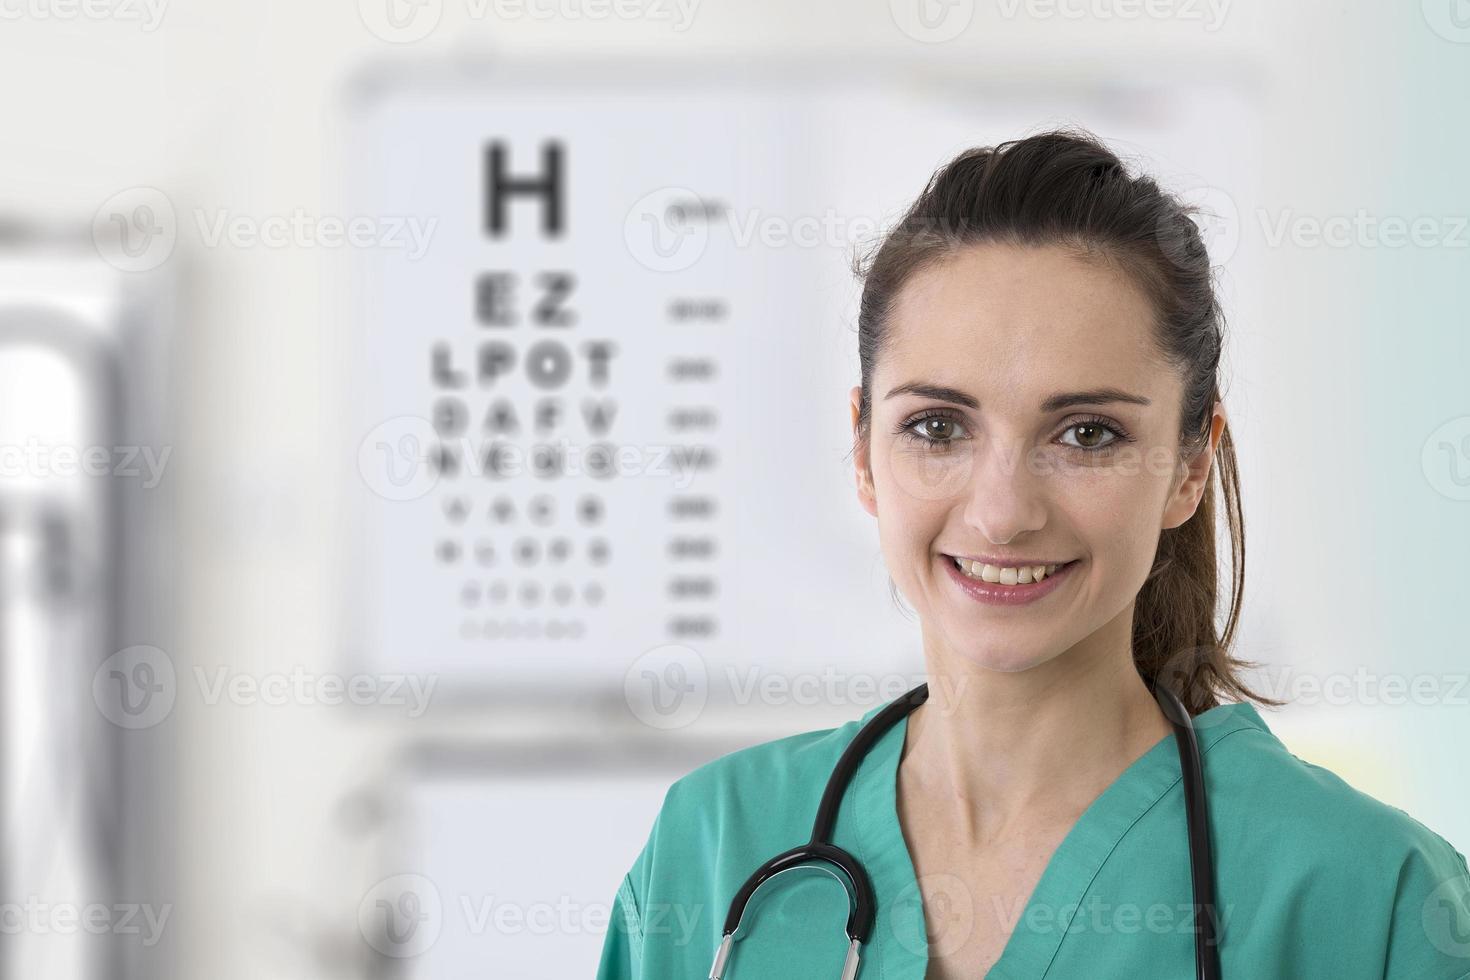 enfermeira feminina com um gráfico de teste do olho. foto